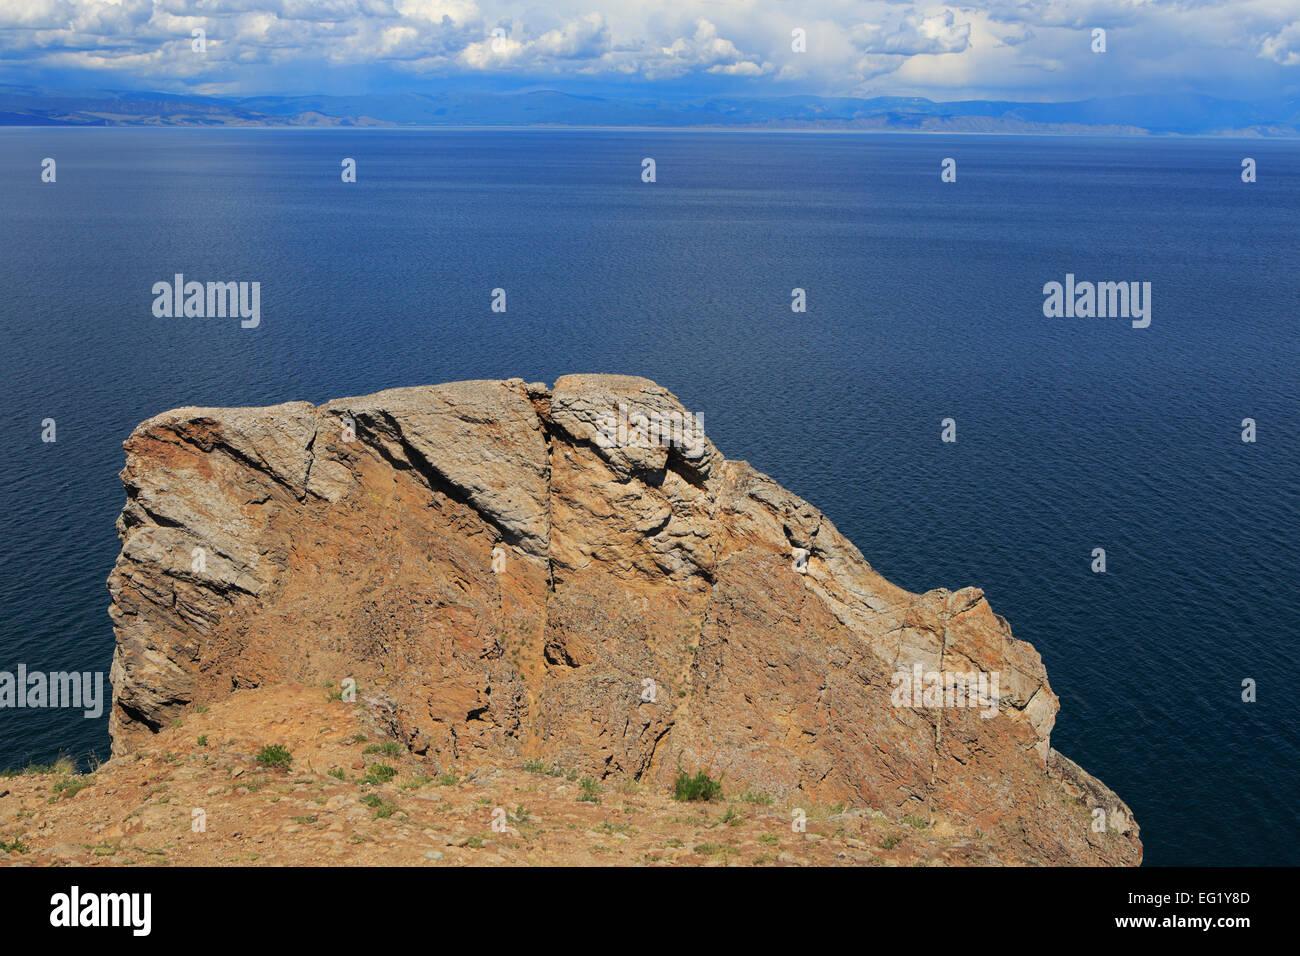 Olkhon island, Khoboy cape, Baikal lake, Russia - Stock Image